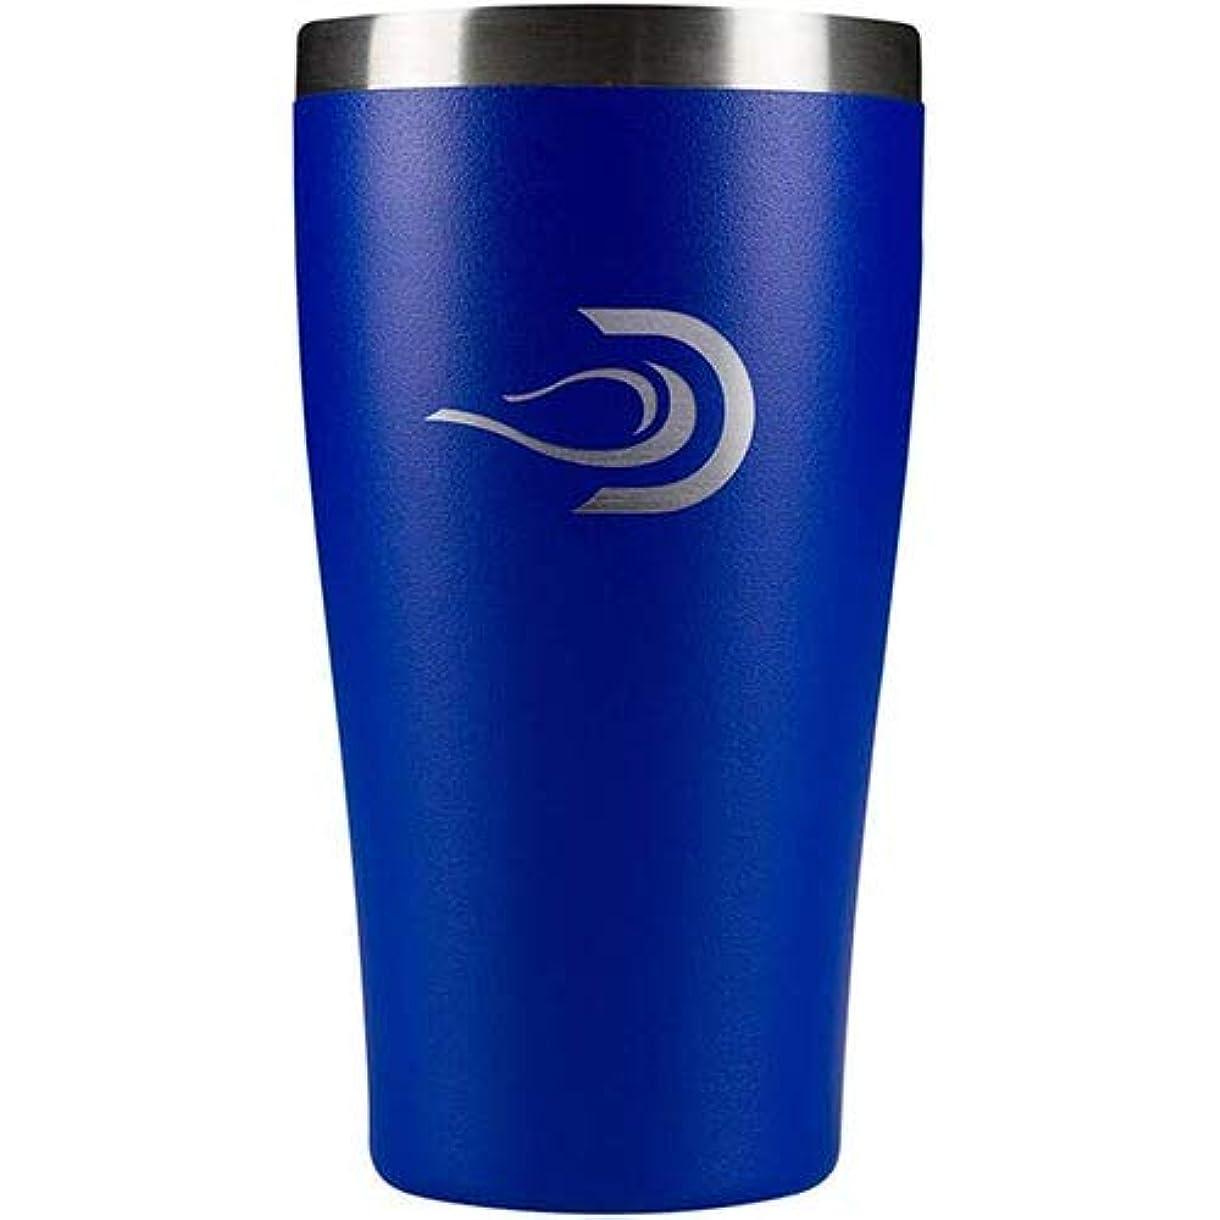 カロリーバンド豊富SUNTRADINGJAPAN DrinkTanks 16 oz (473ml) Cup 16-obd-c ドリンクタンク カップ アウトドア キャンプ グッズ タンブラー